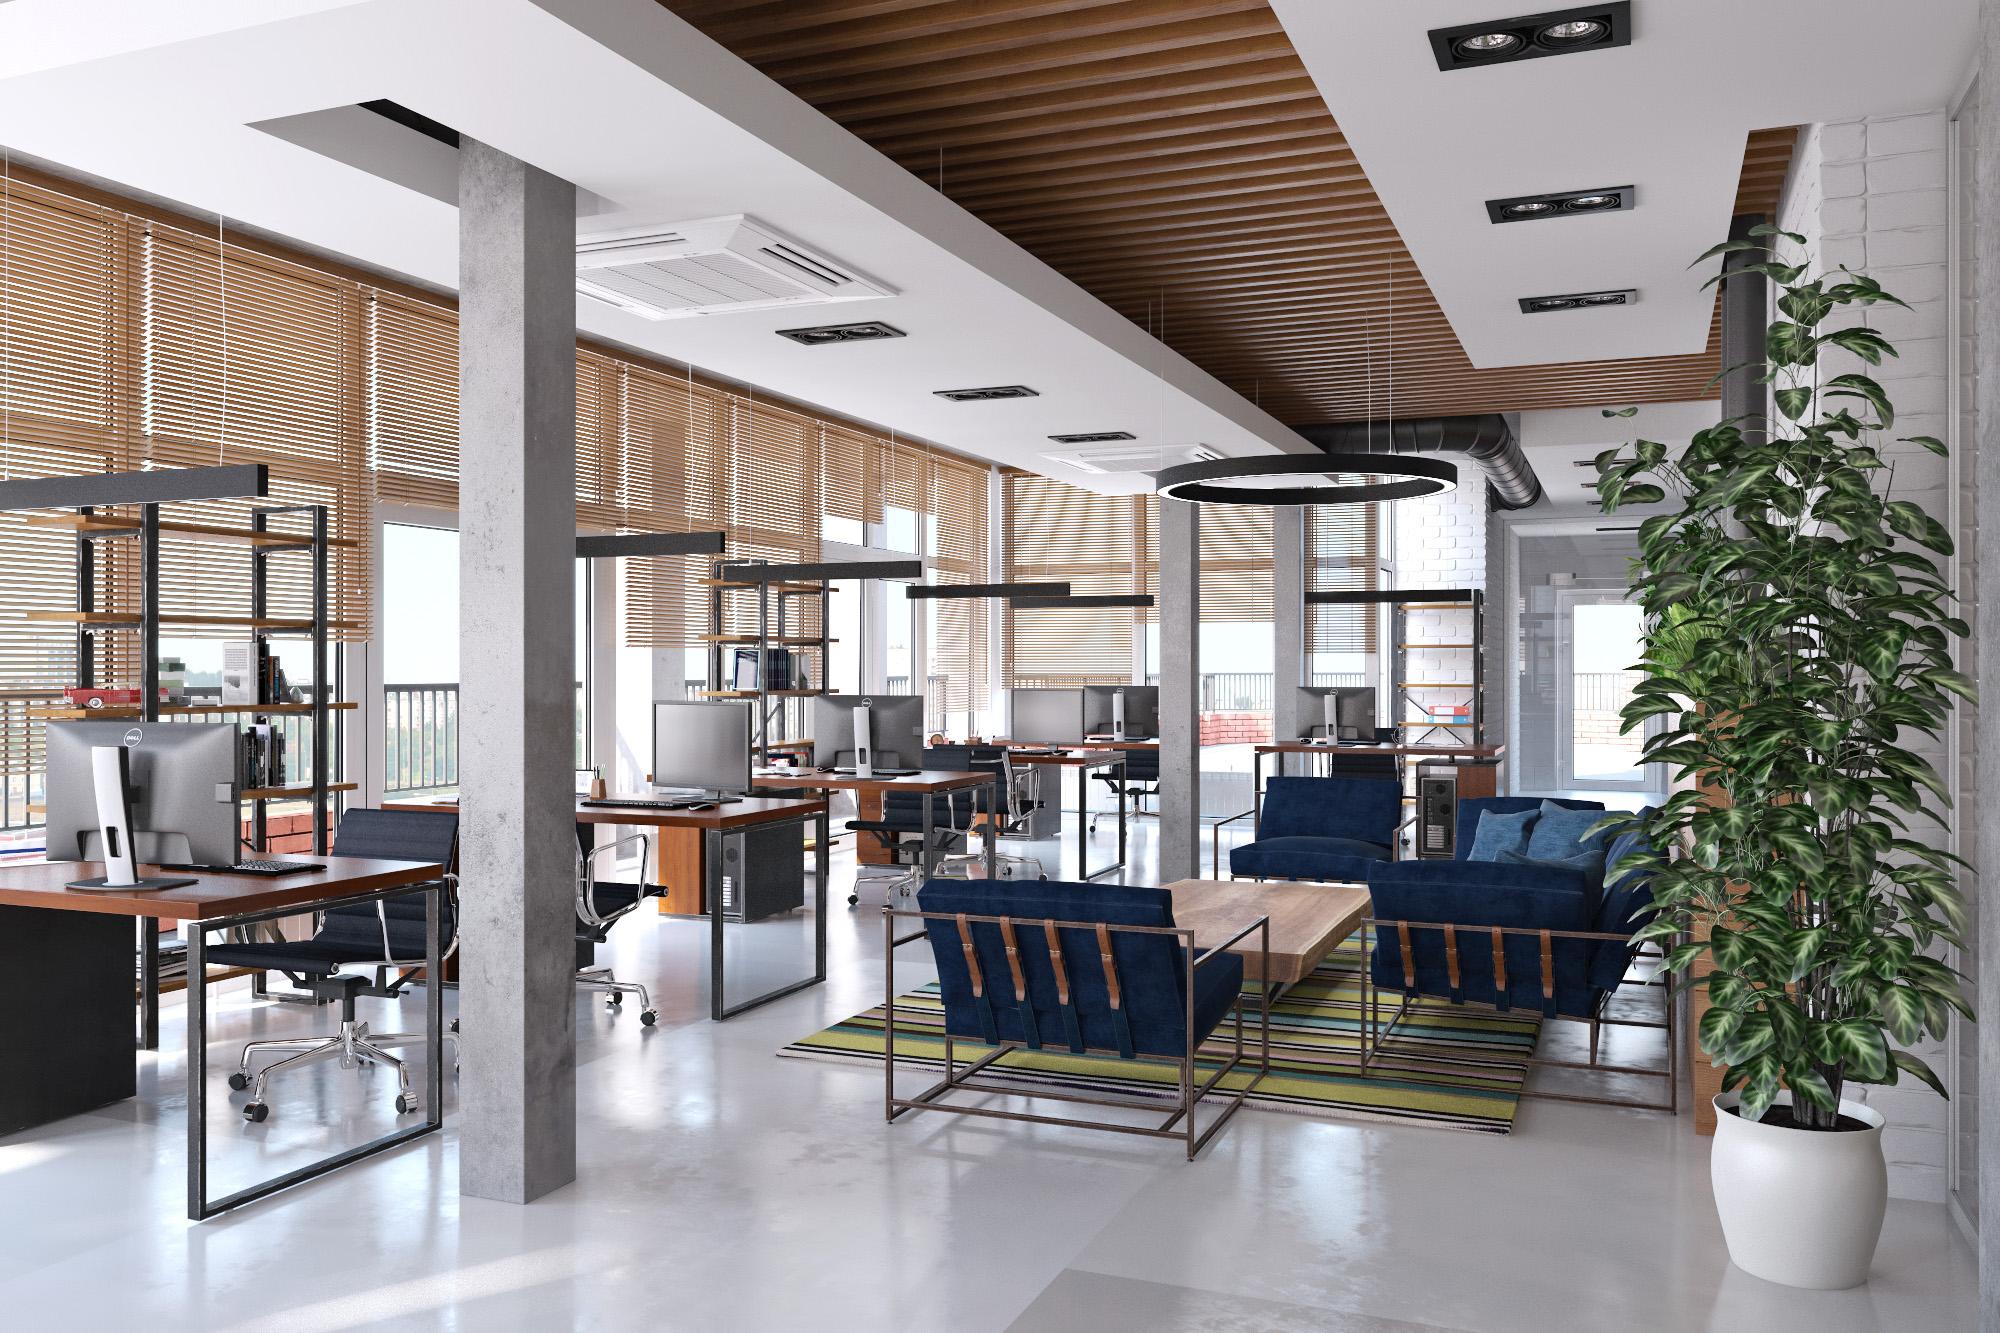 Модульные мебельные конструкции - это самый простой способ обставить офис